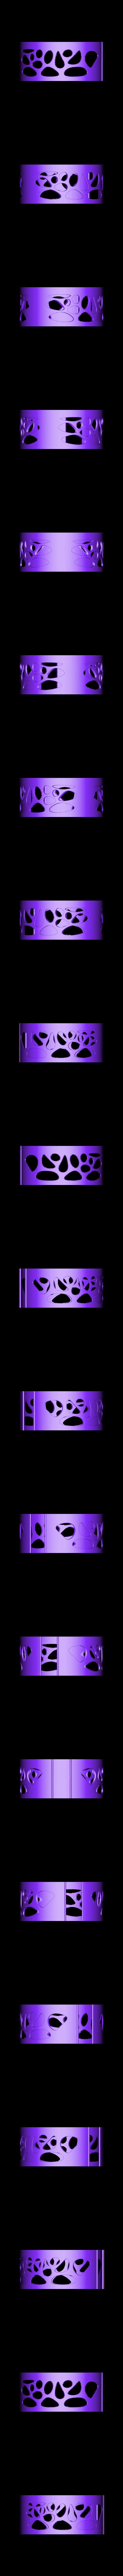 cercle exterieur distributeur.stl Télécharger fichier STL gratuit Distributeur triple pour papier toilette • Design à imprimer en 3D, als